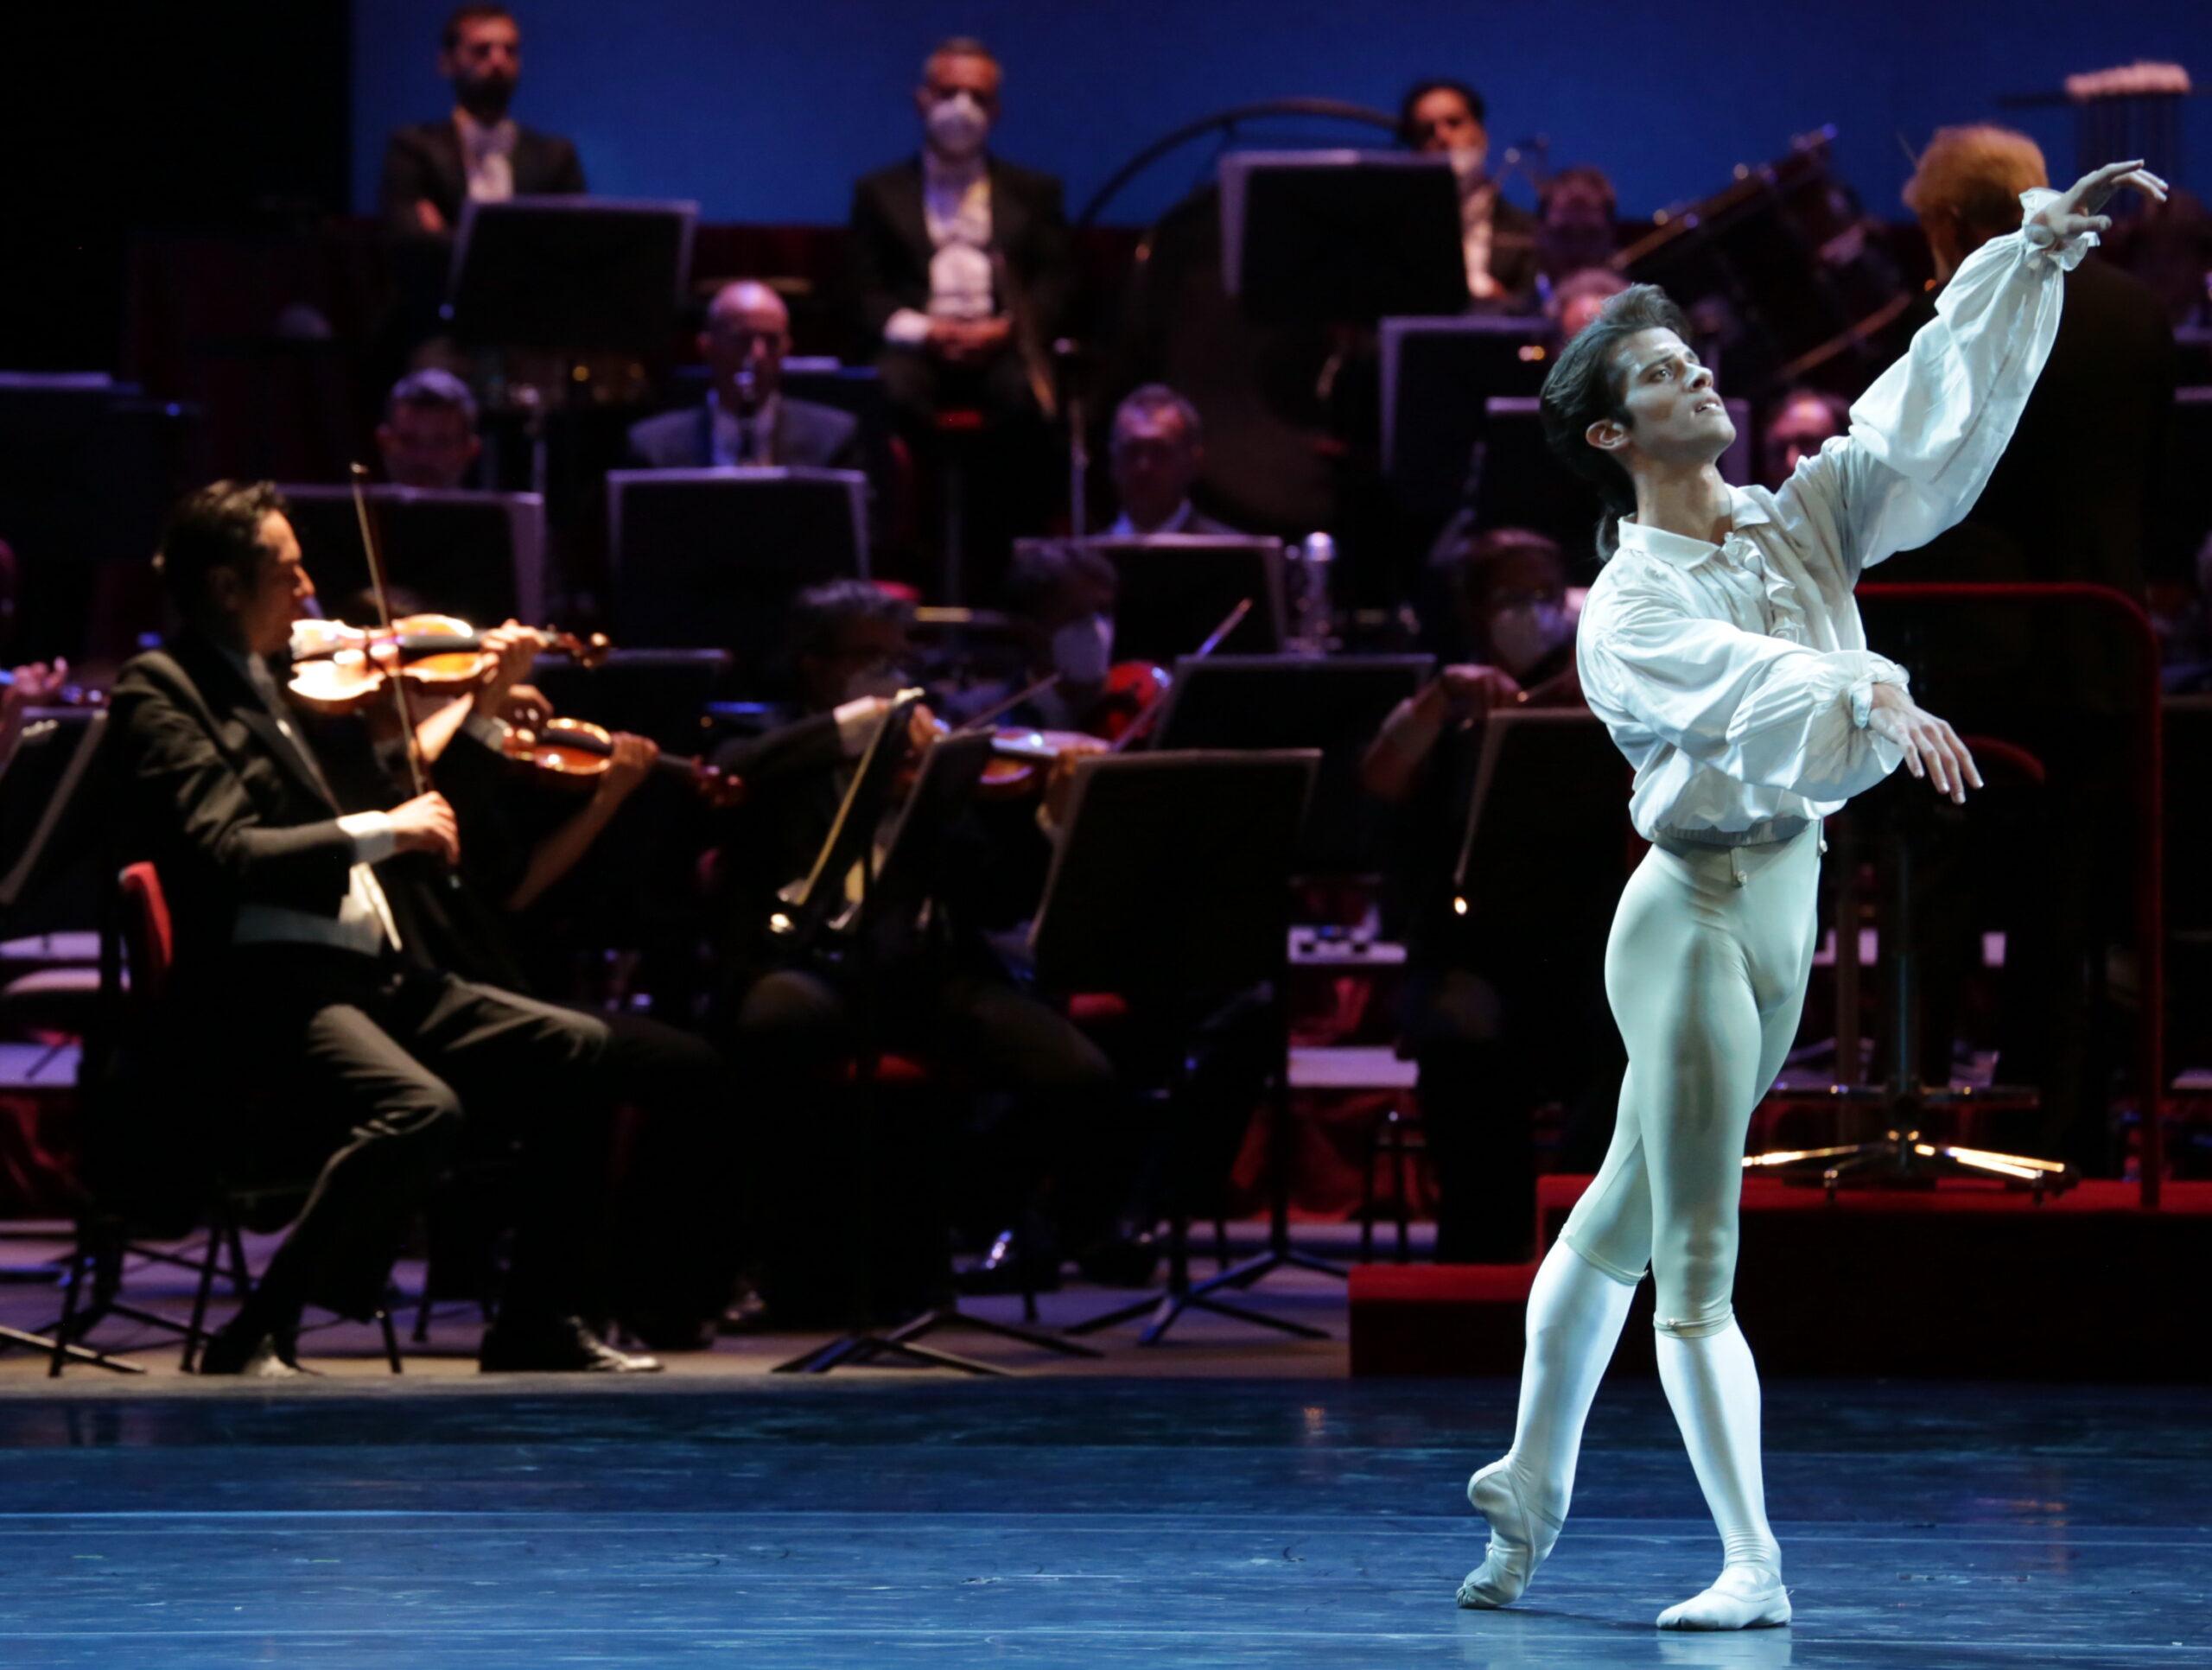 L'ONU festeggia il suo 75° anniversario col Corpo di Ballo del Teatro alla Scala